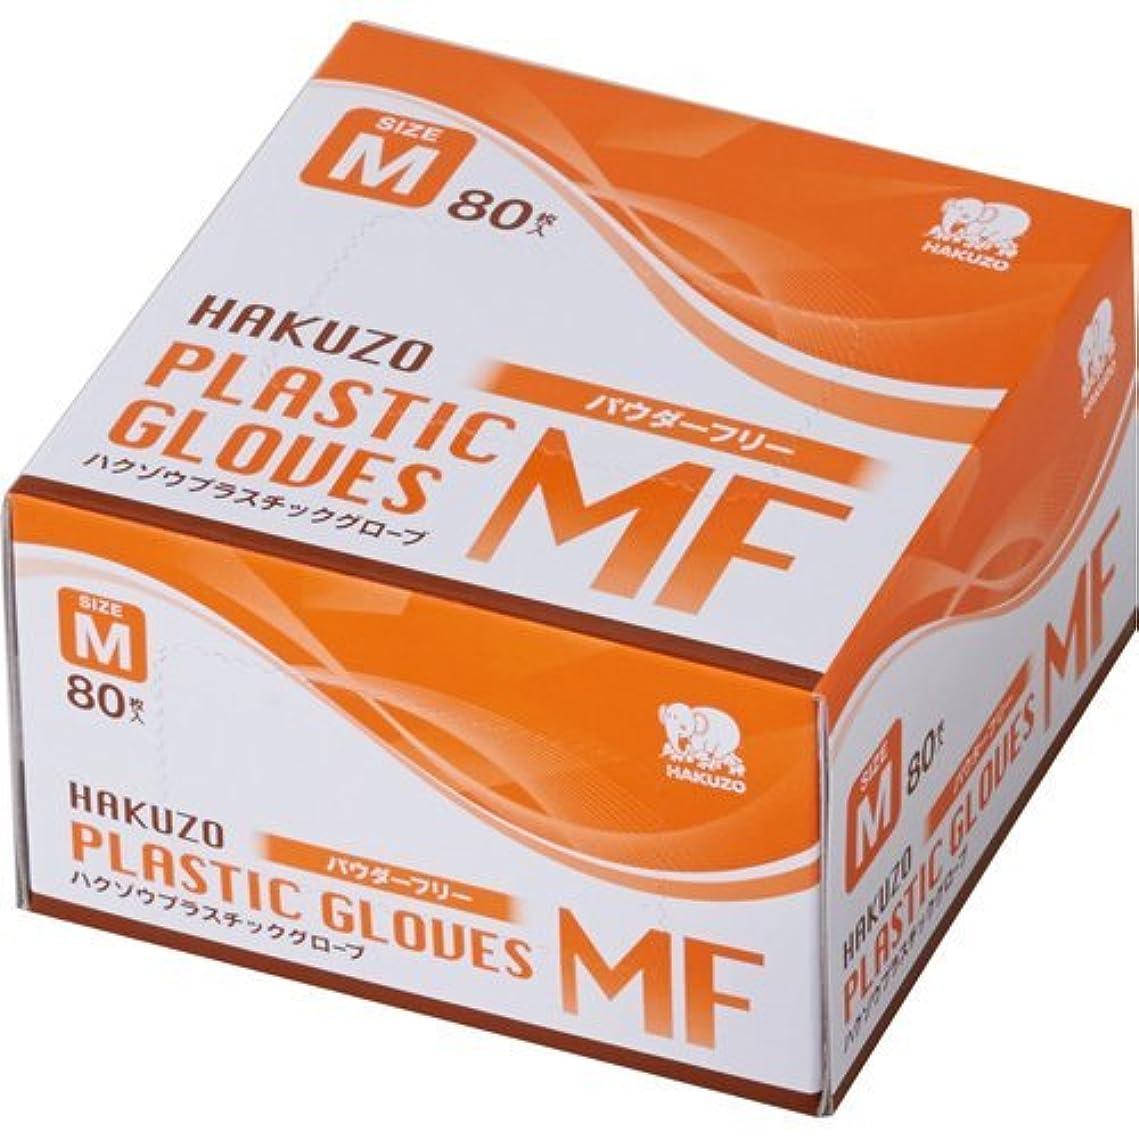 奇妙な祈る入射ハクゾウメディカル ハクゾウ プラスチックグローブMF パウダーフリー Mサイズ 80枚入